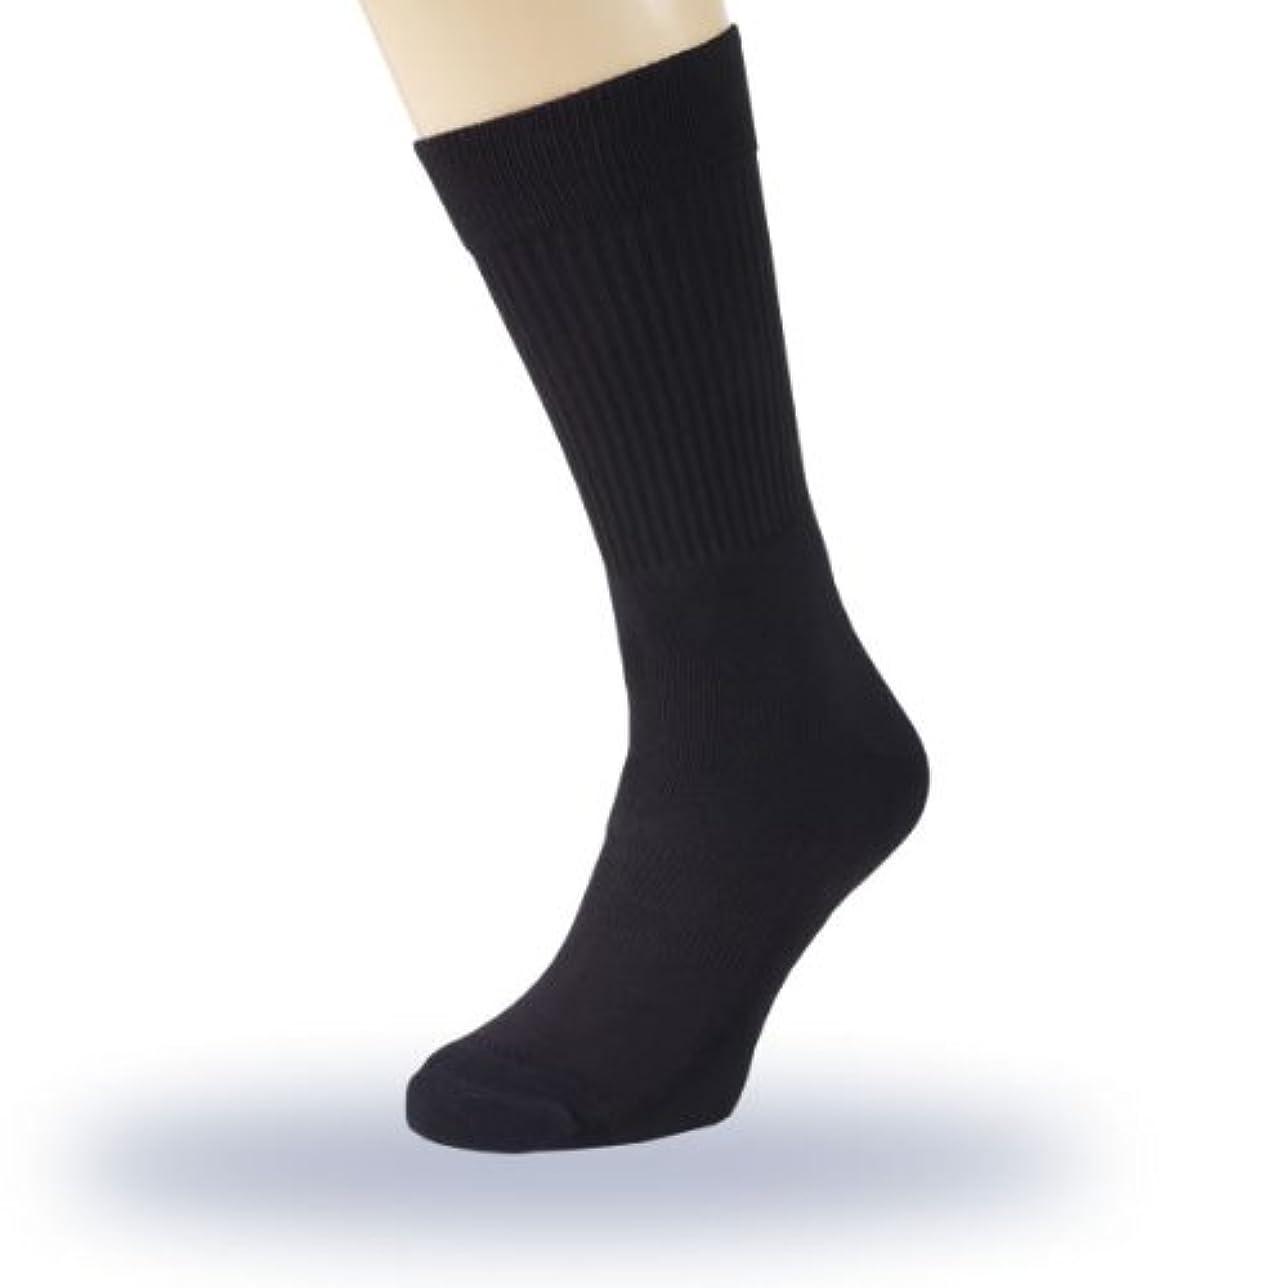 思いやりのあるモーションタイマーフットケアソックス PROTECT iT(プロテクトイット) 男女兼用 ブラック (L 26cm~29.5cm)